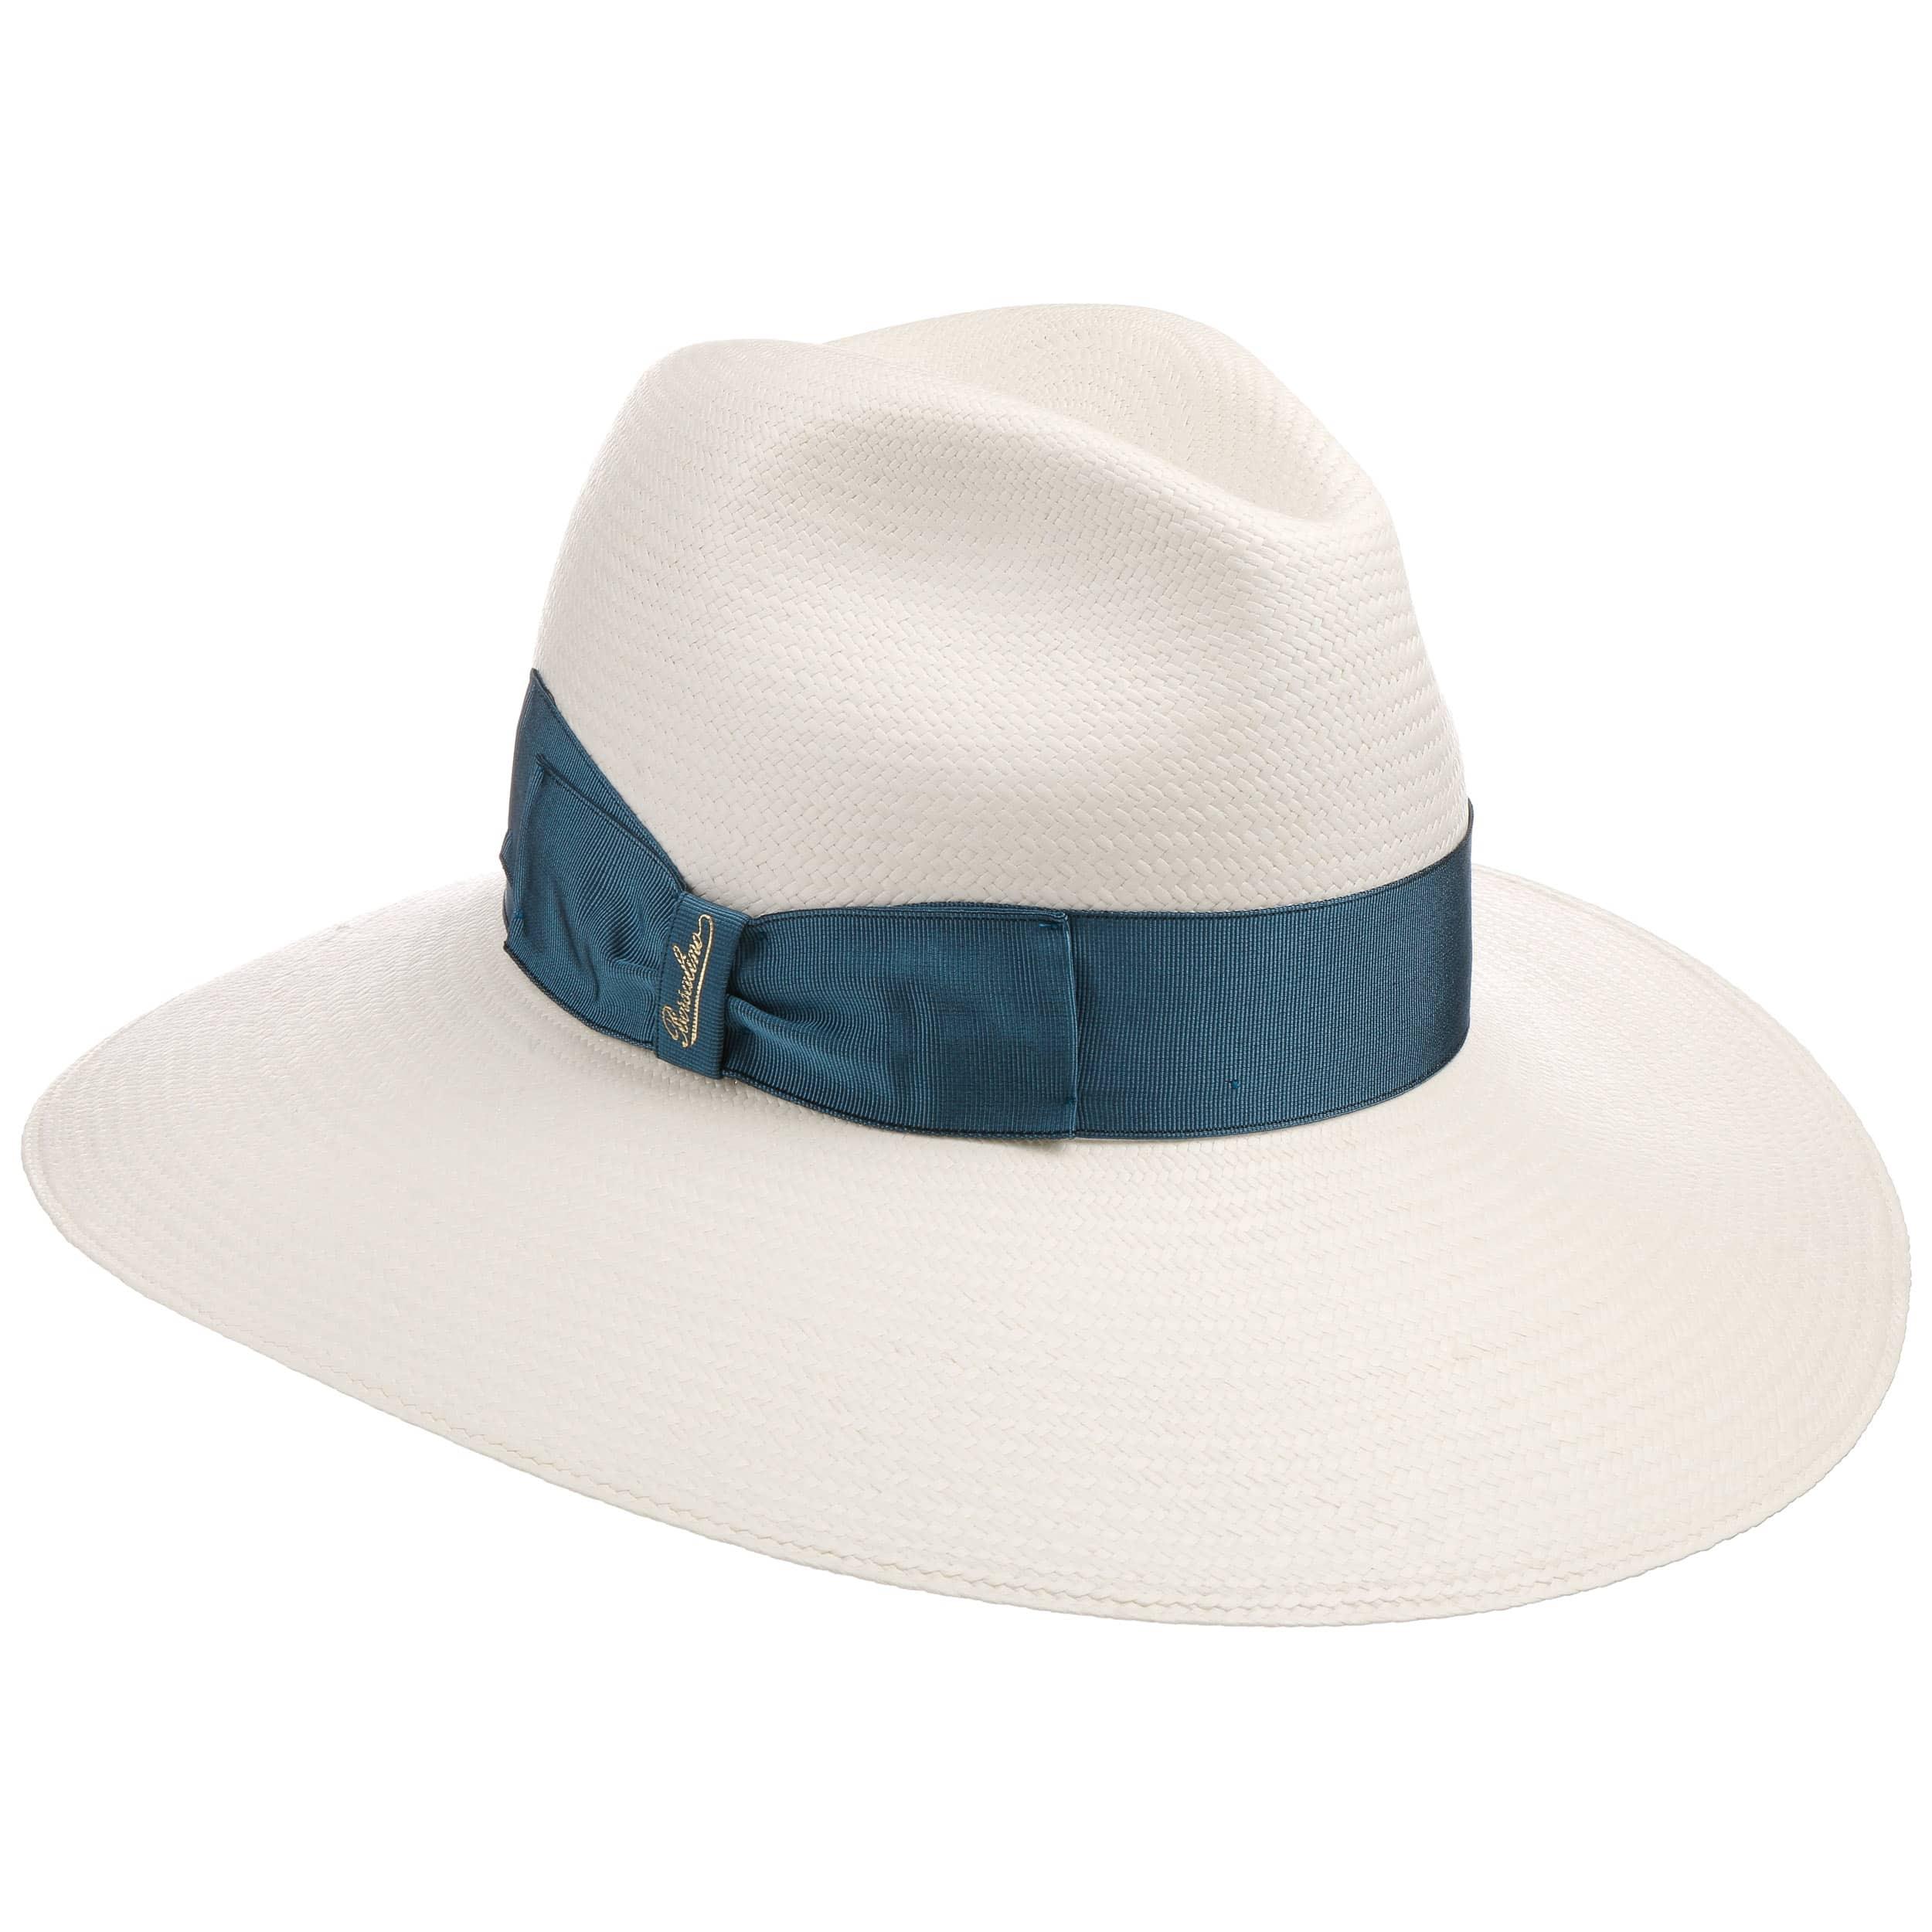 378e41d1 Tamira Fine Panama Hat by Borsalino, GBP 300,95 --> Hats, caps ...